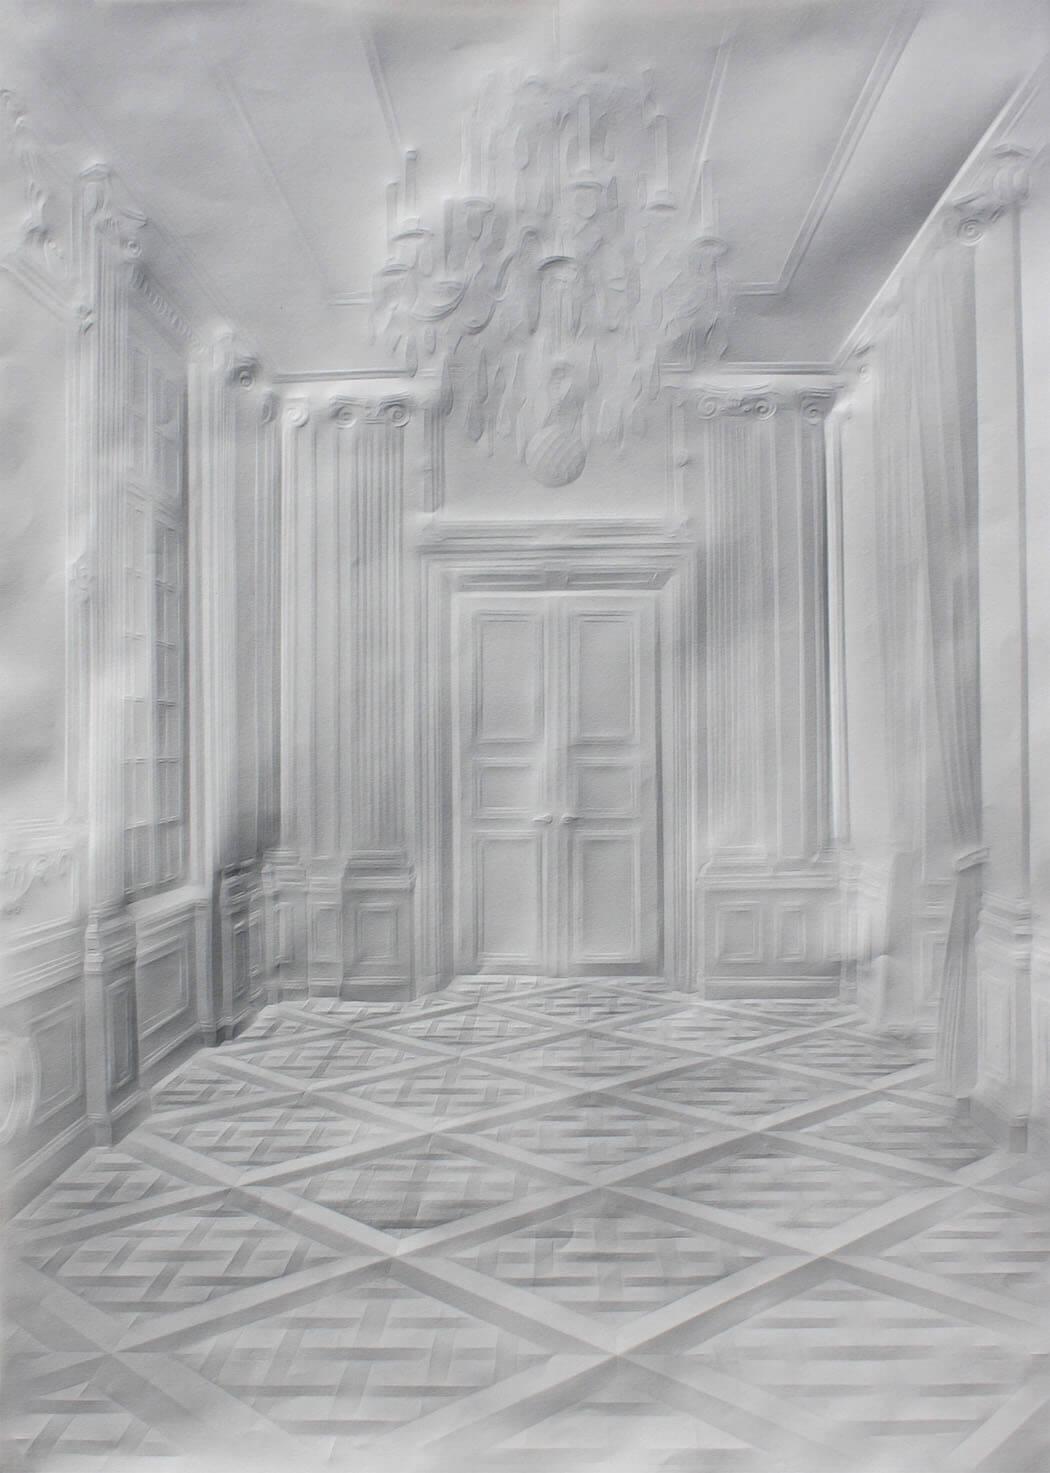 diseño-de-interiores-en-papel-11